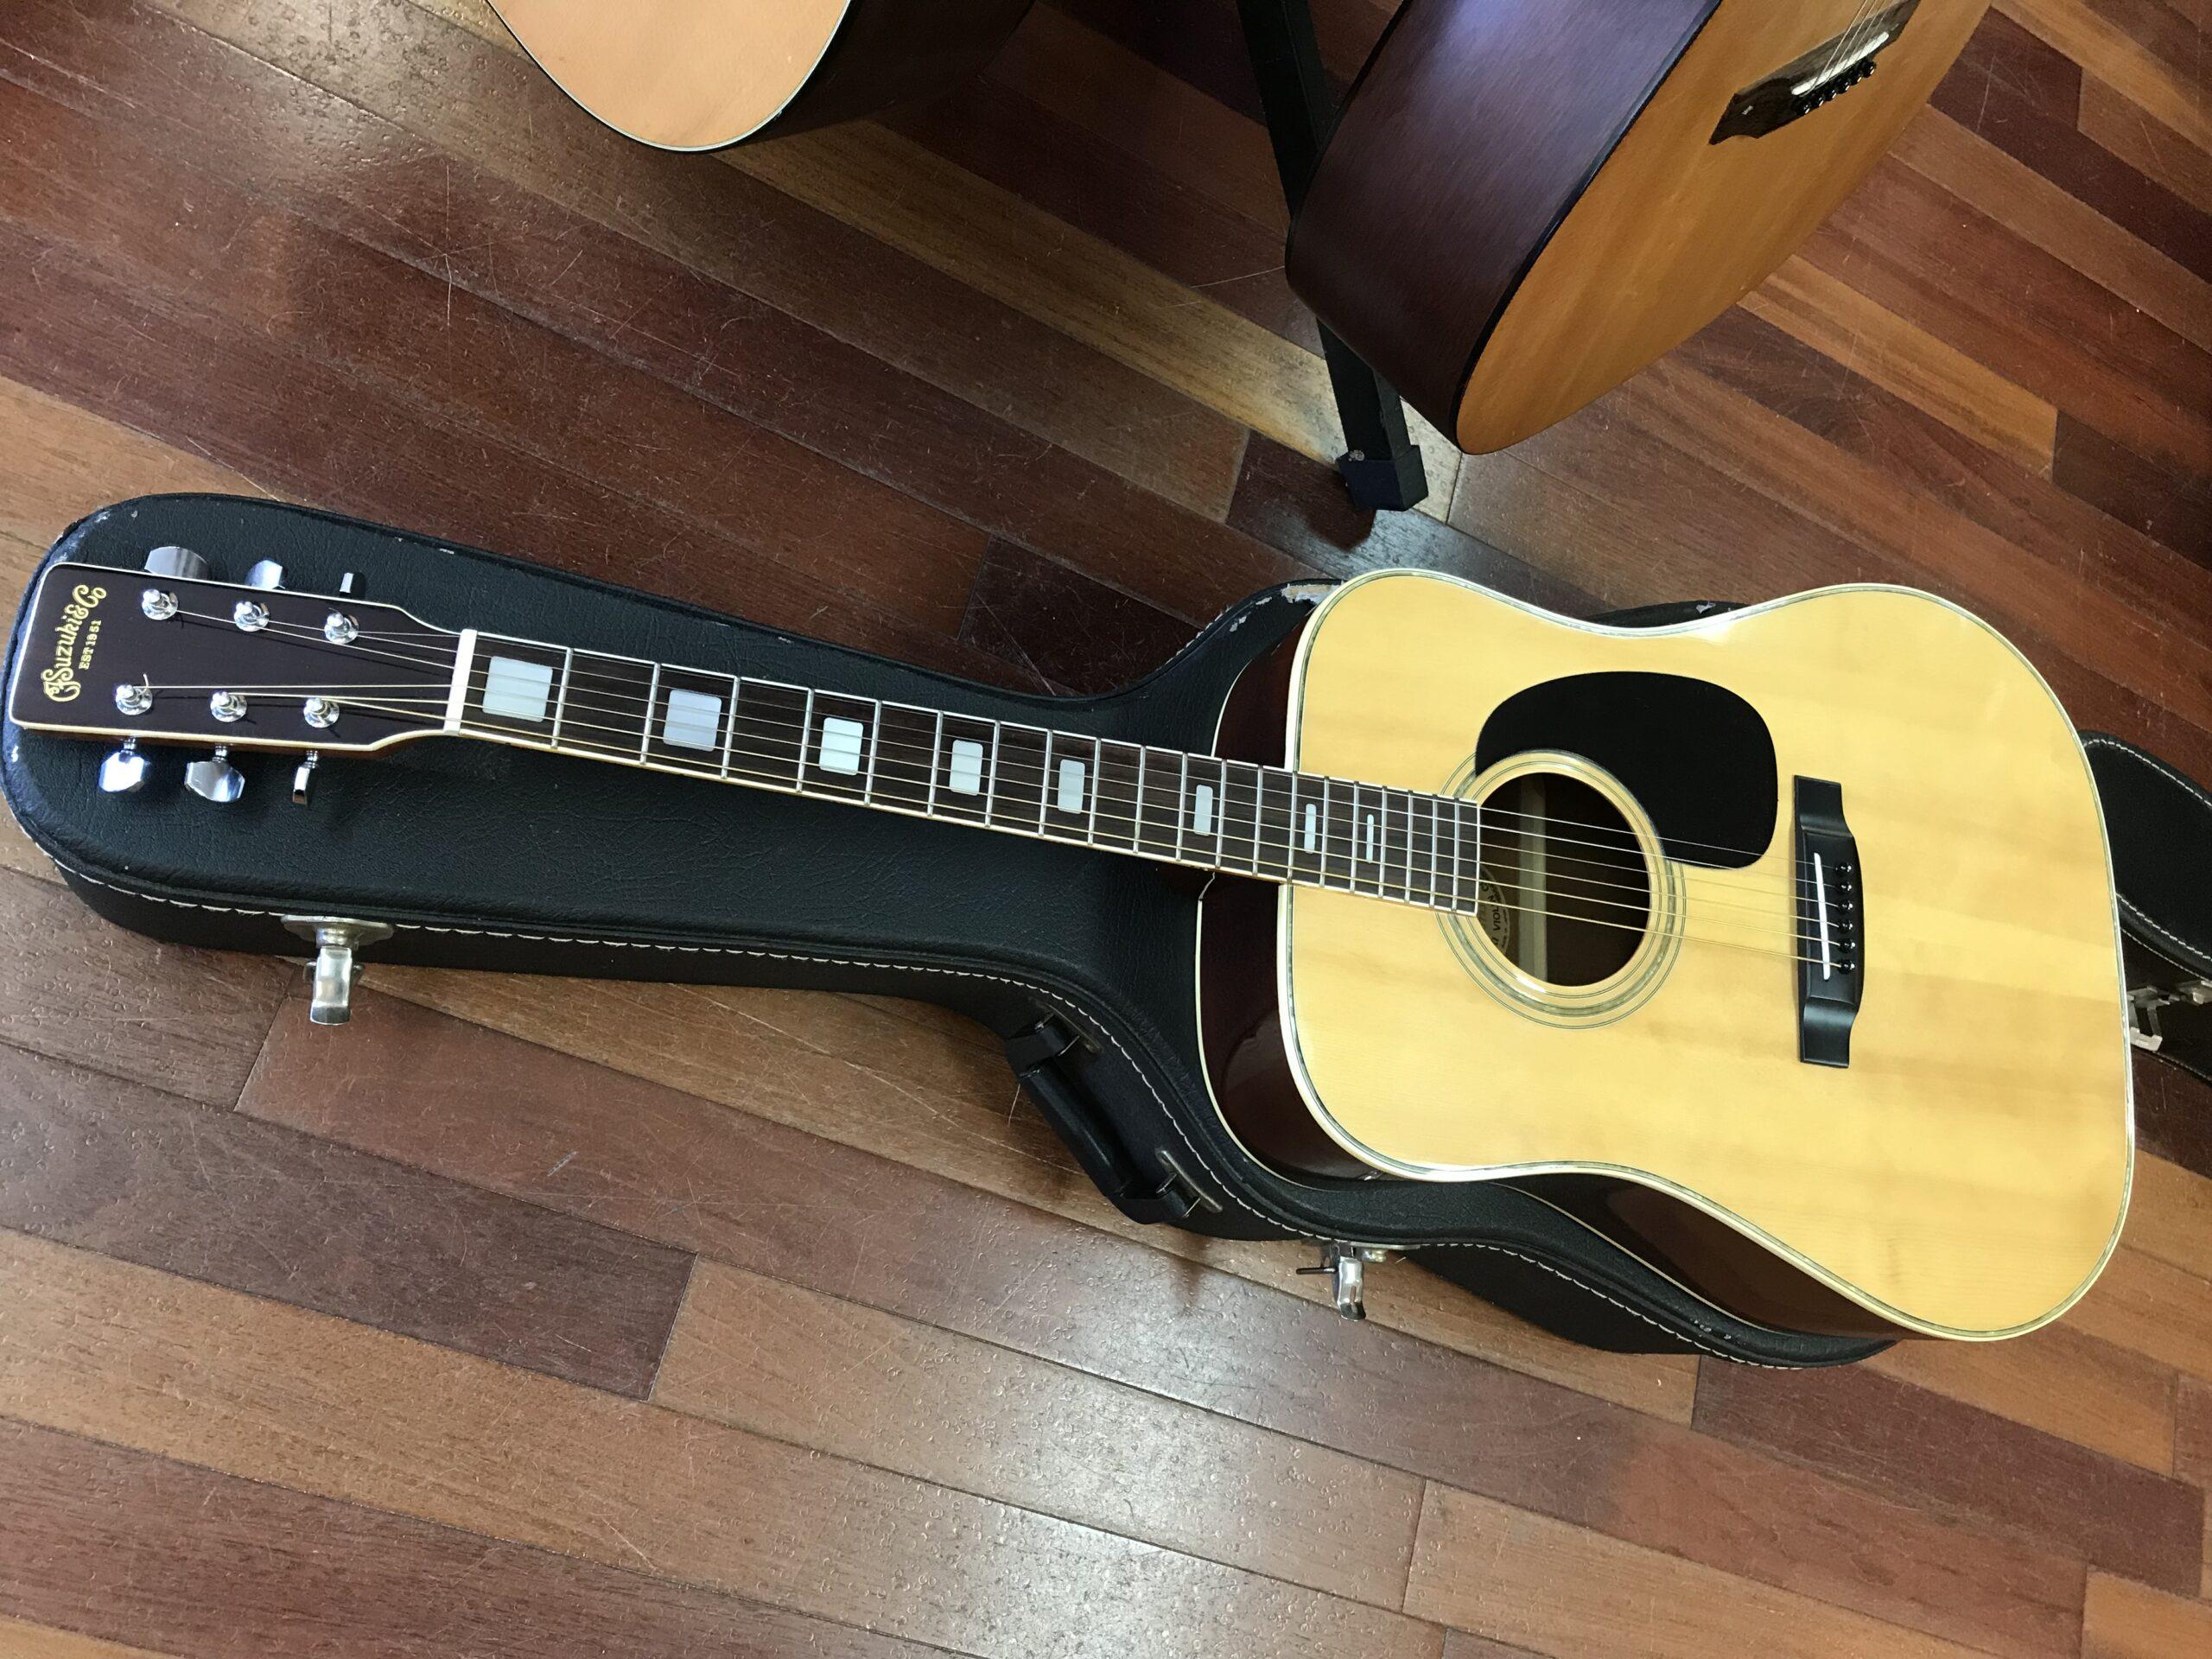 1980 Japan Suzuki KW 150 acoustic super clean